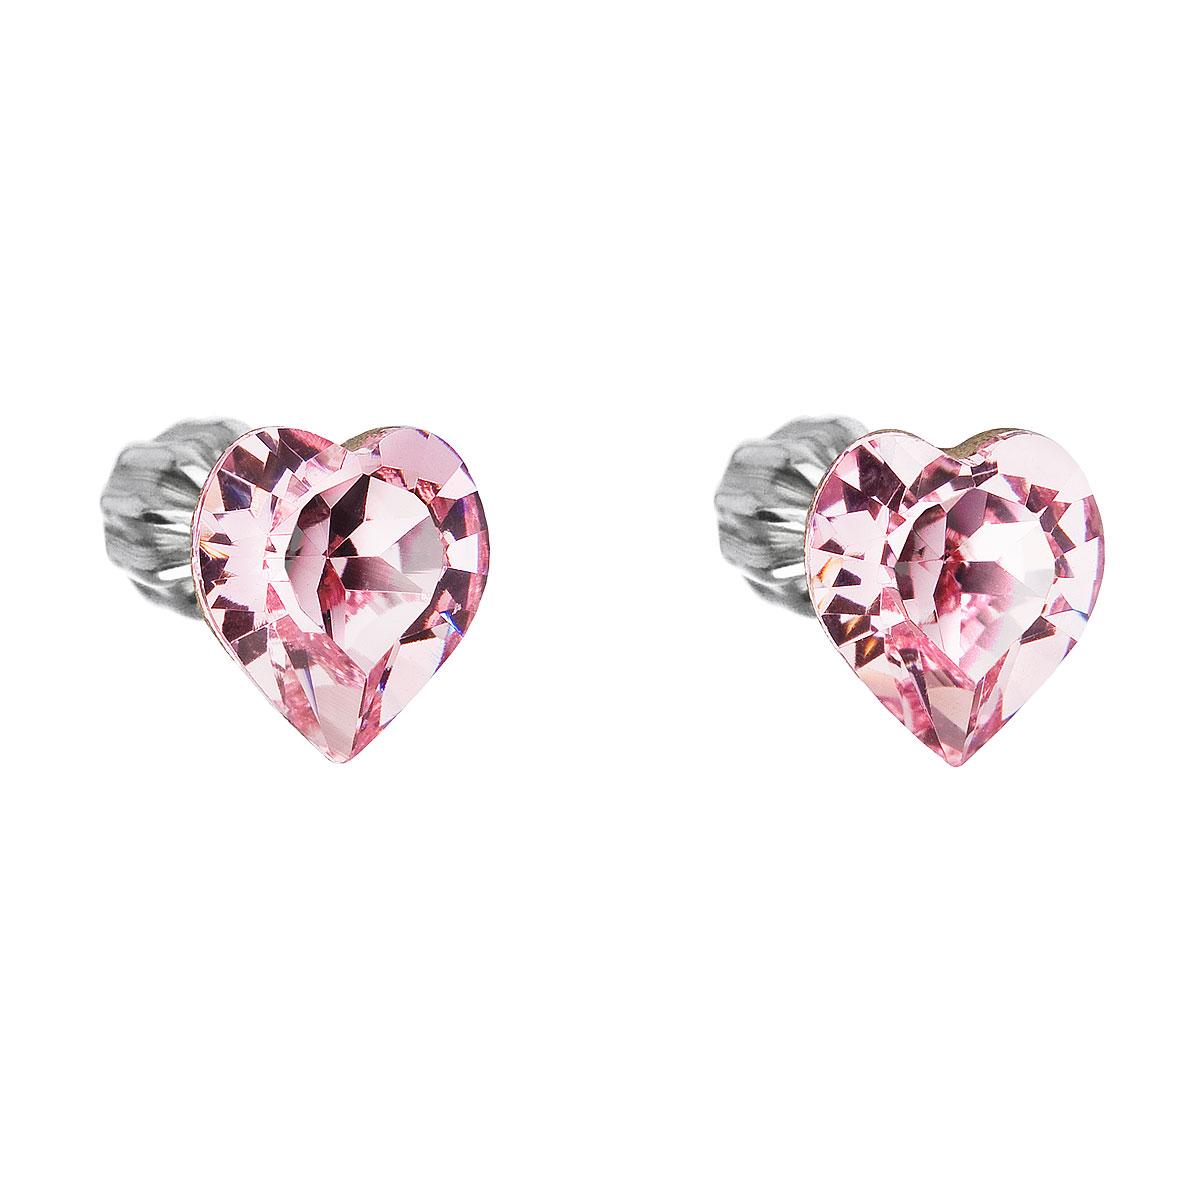 Evolution Group Stříbrné náušnice pecka s krystaly Swarovski růžové srdce 31139.3